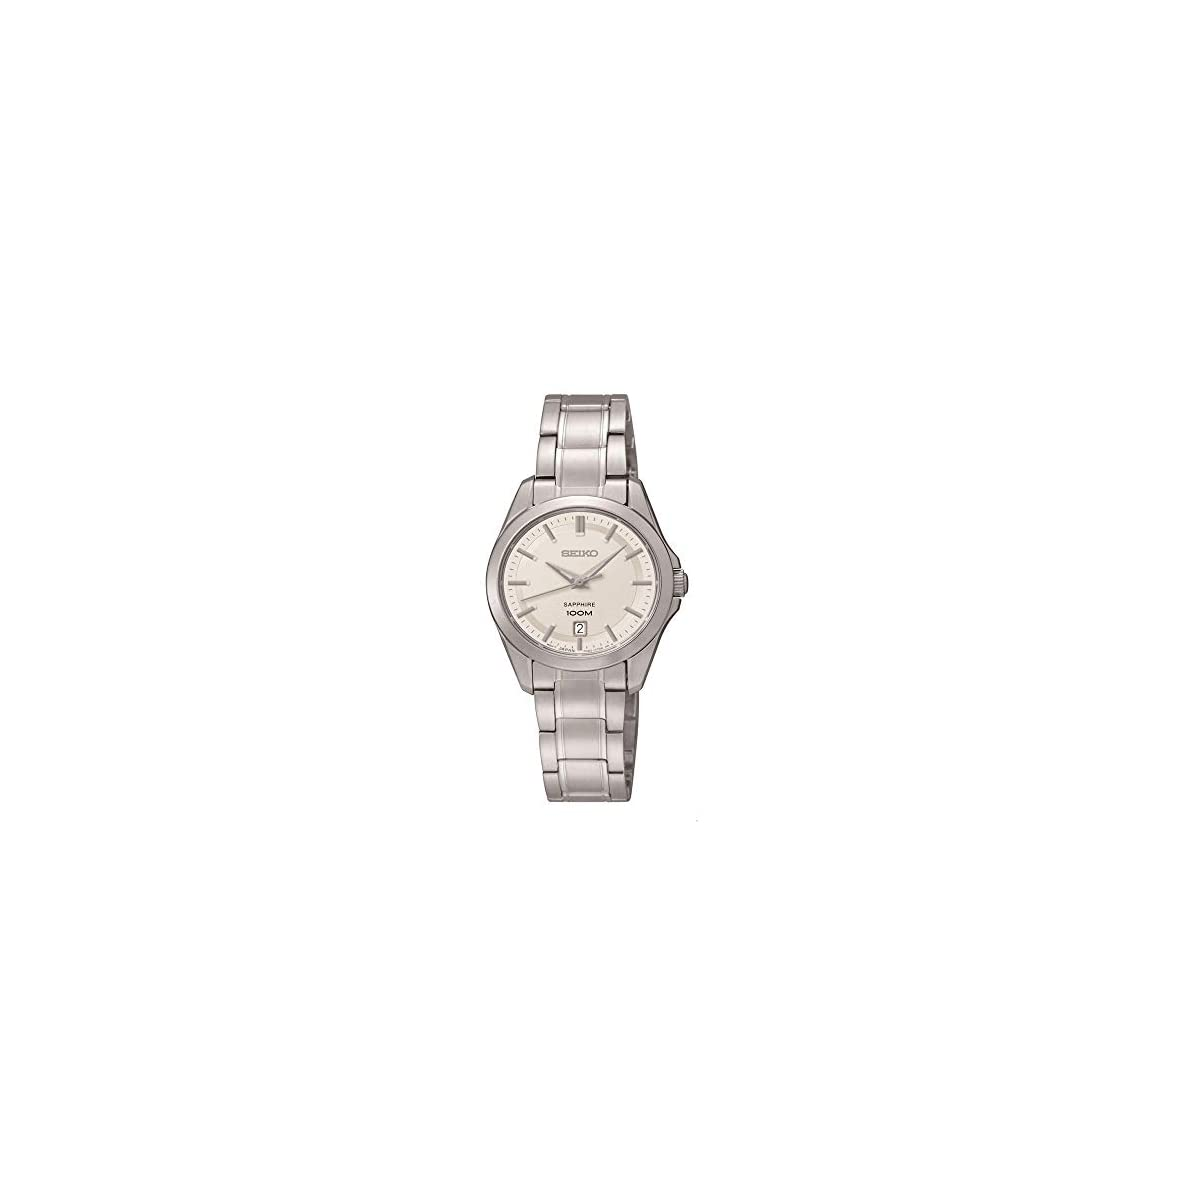 41liTEYnYoL. SS1200  - Seiko Damenuhren SXDF55P1 - Reloj analógico de Cuarzo para Mujer, Correa de Acero Inoxidable Color Plateado